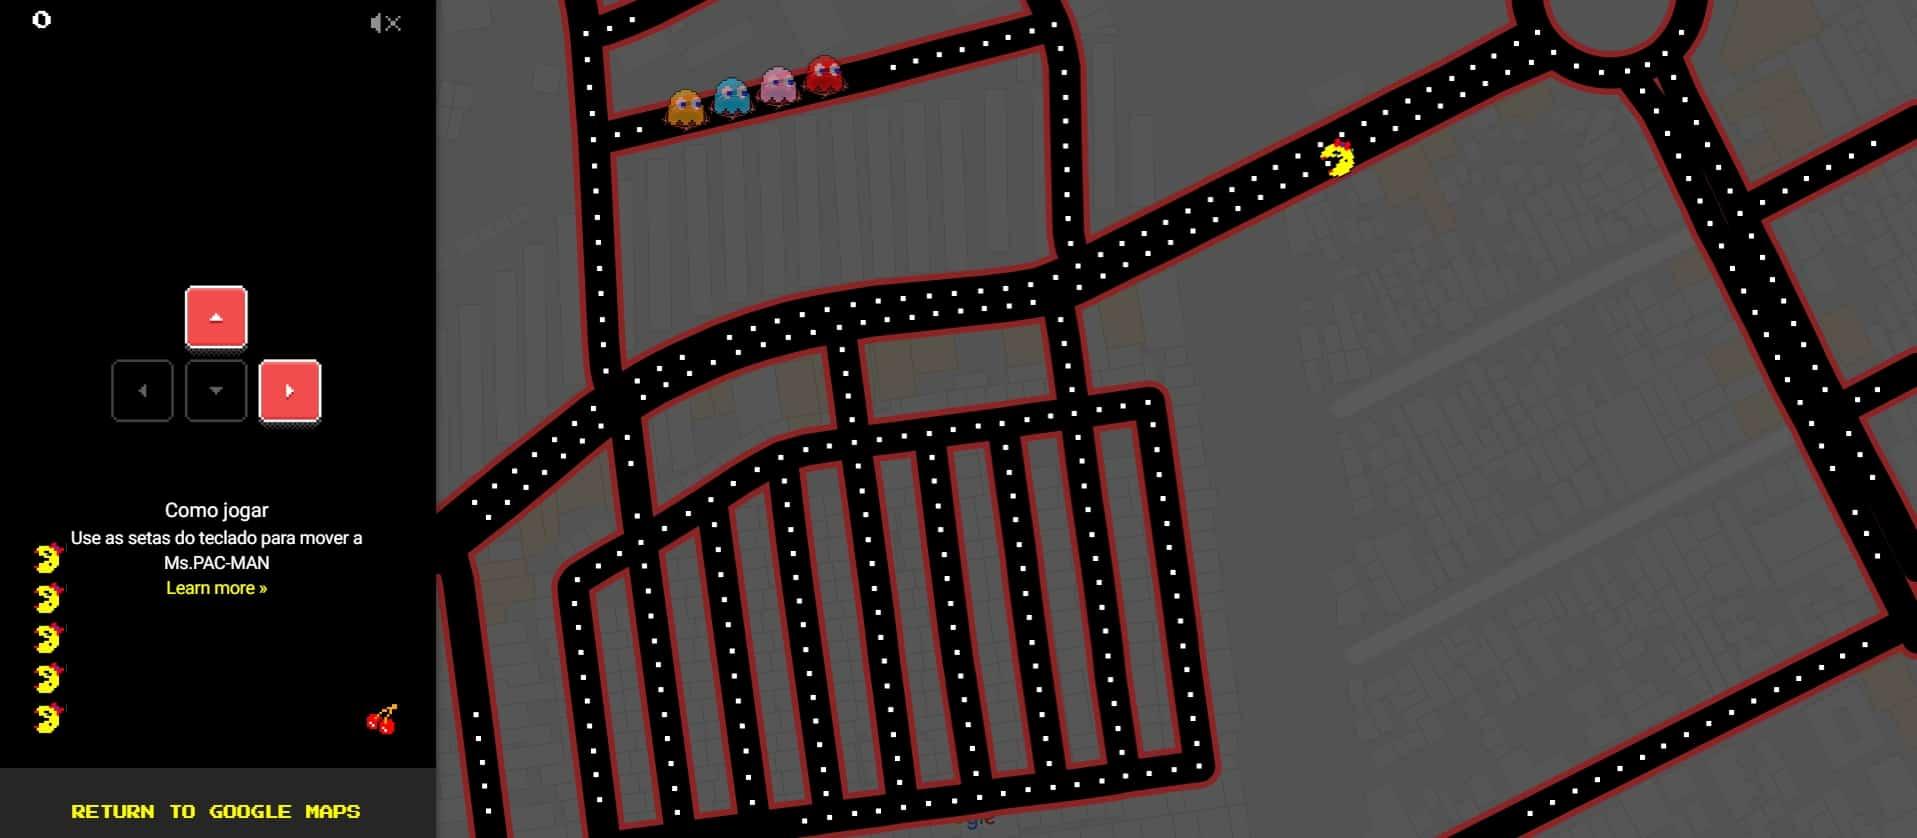 ms-pac-man-no-google-maps-jogando